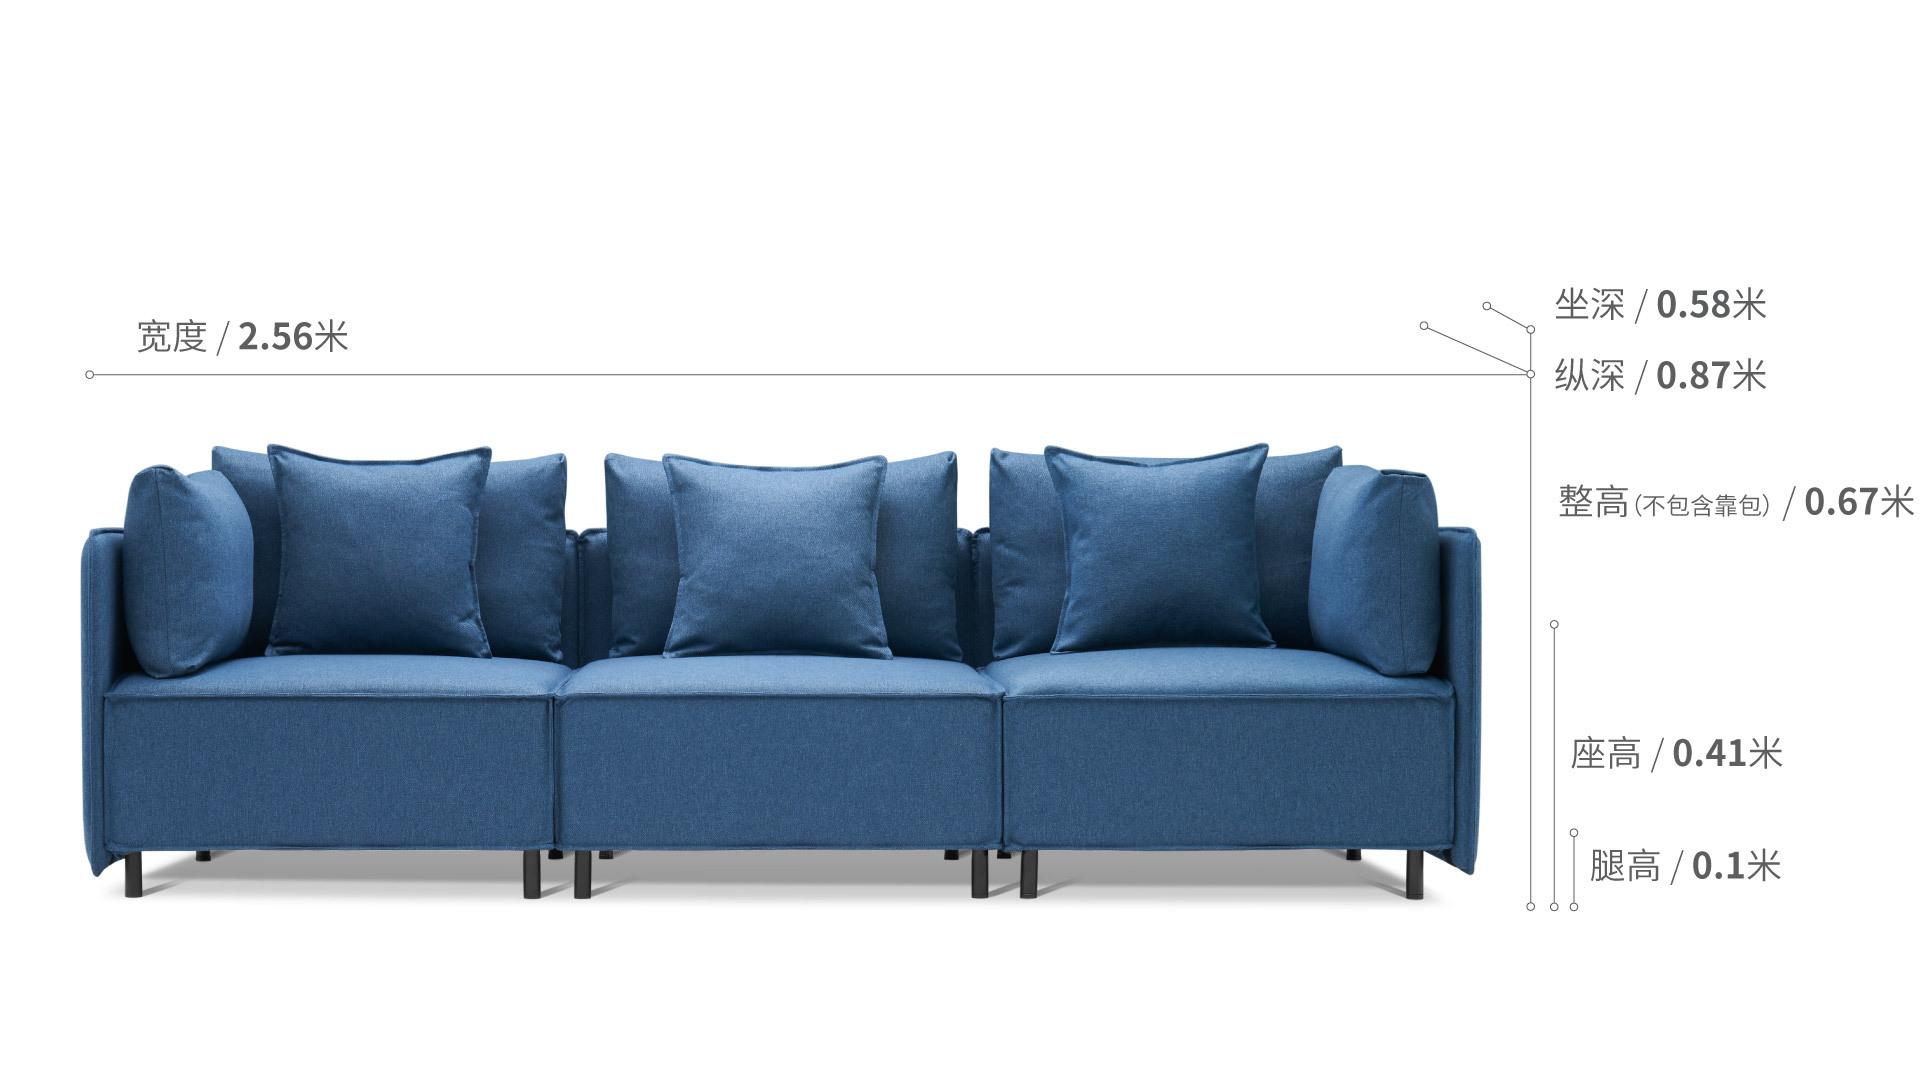 造作大先生沙发™三人座沙发效果图